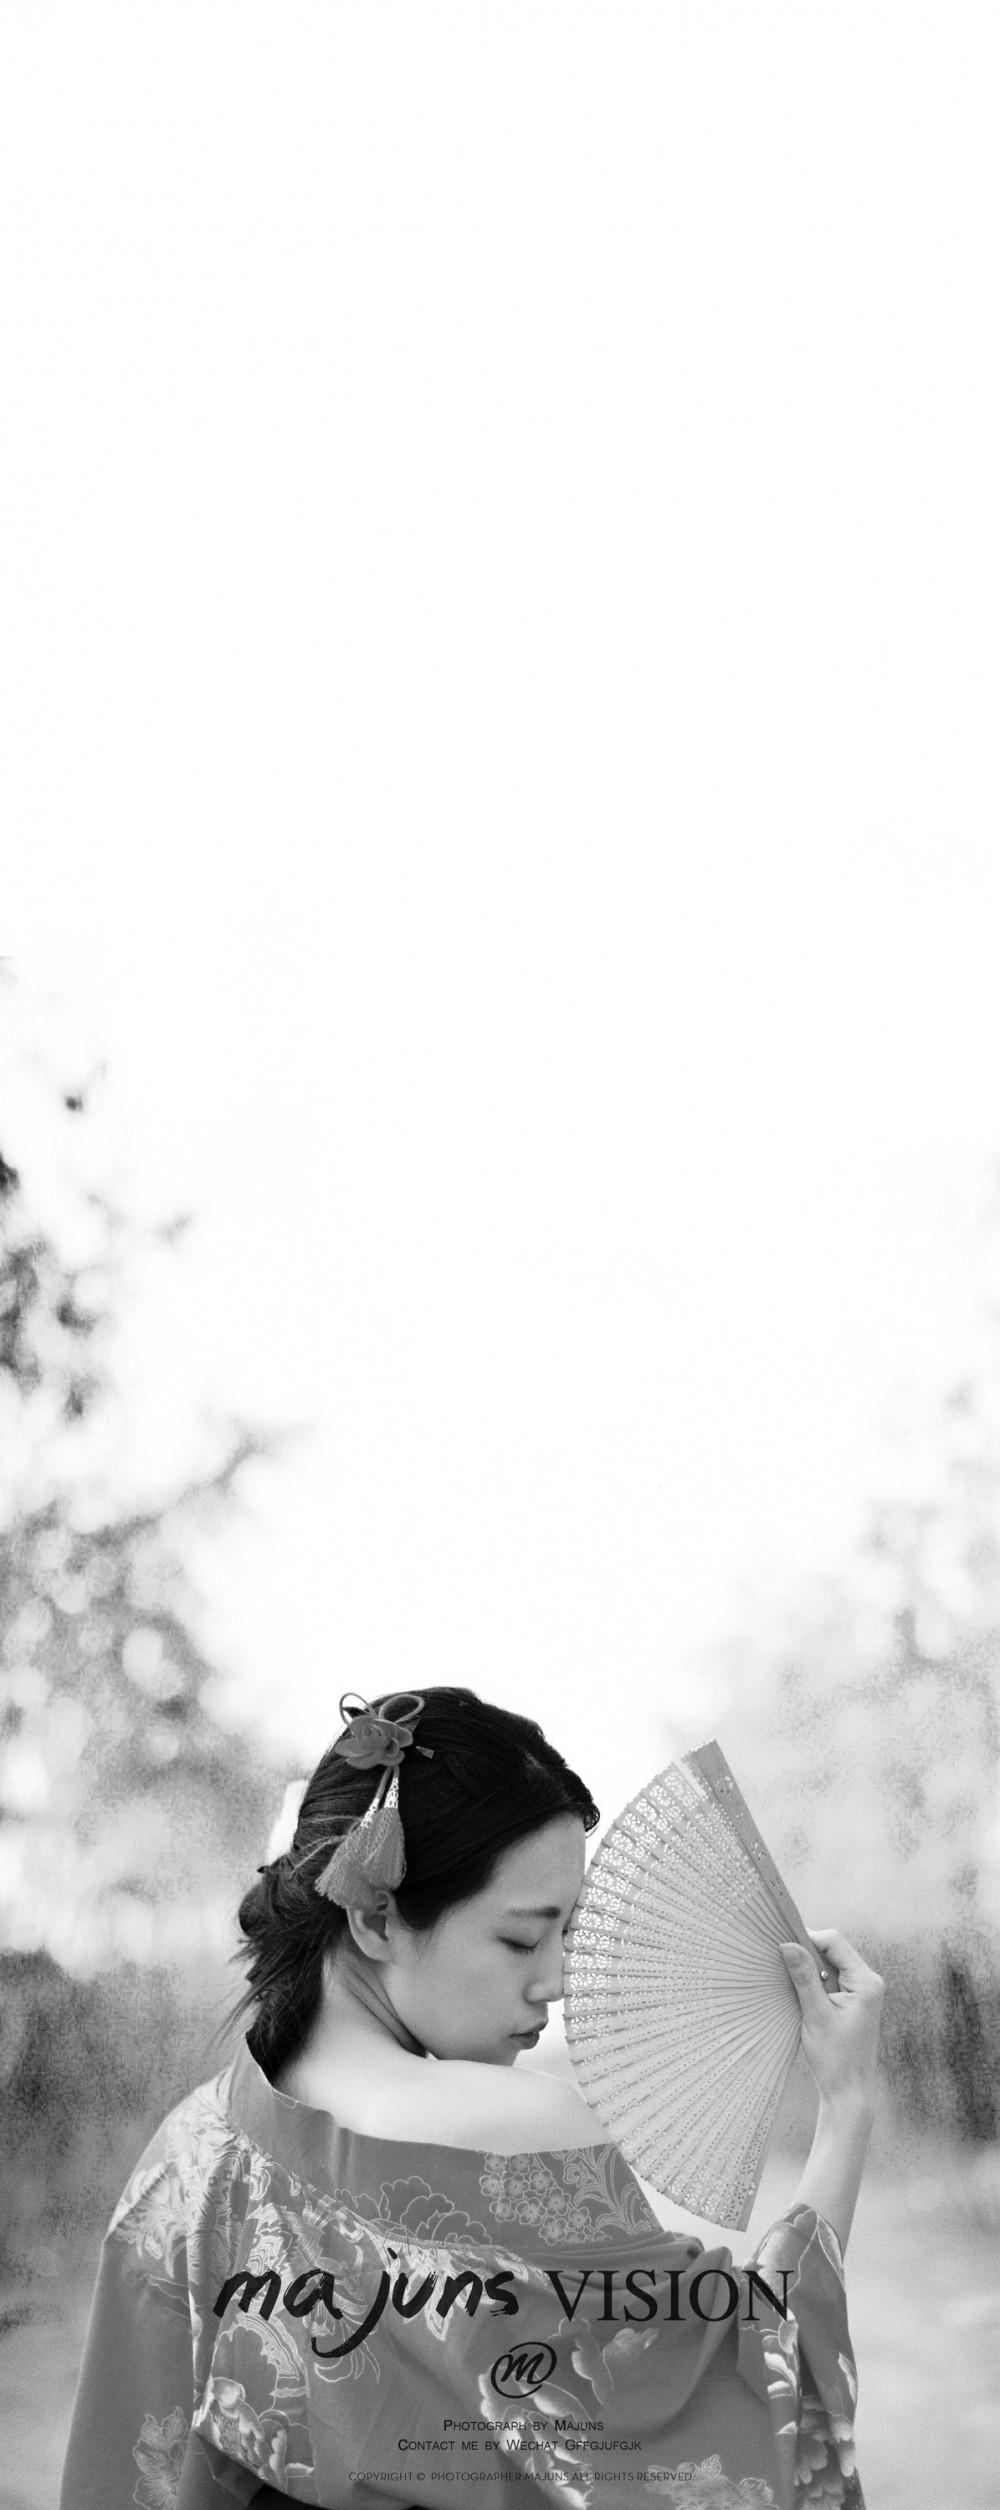 「京都」@马骏同学-菲林中文-独立胶片摄影门户!